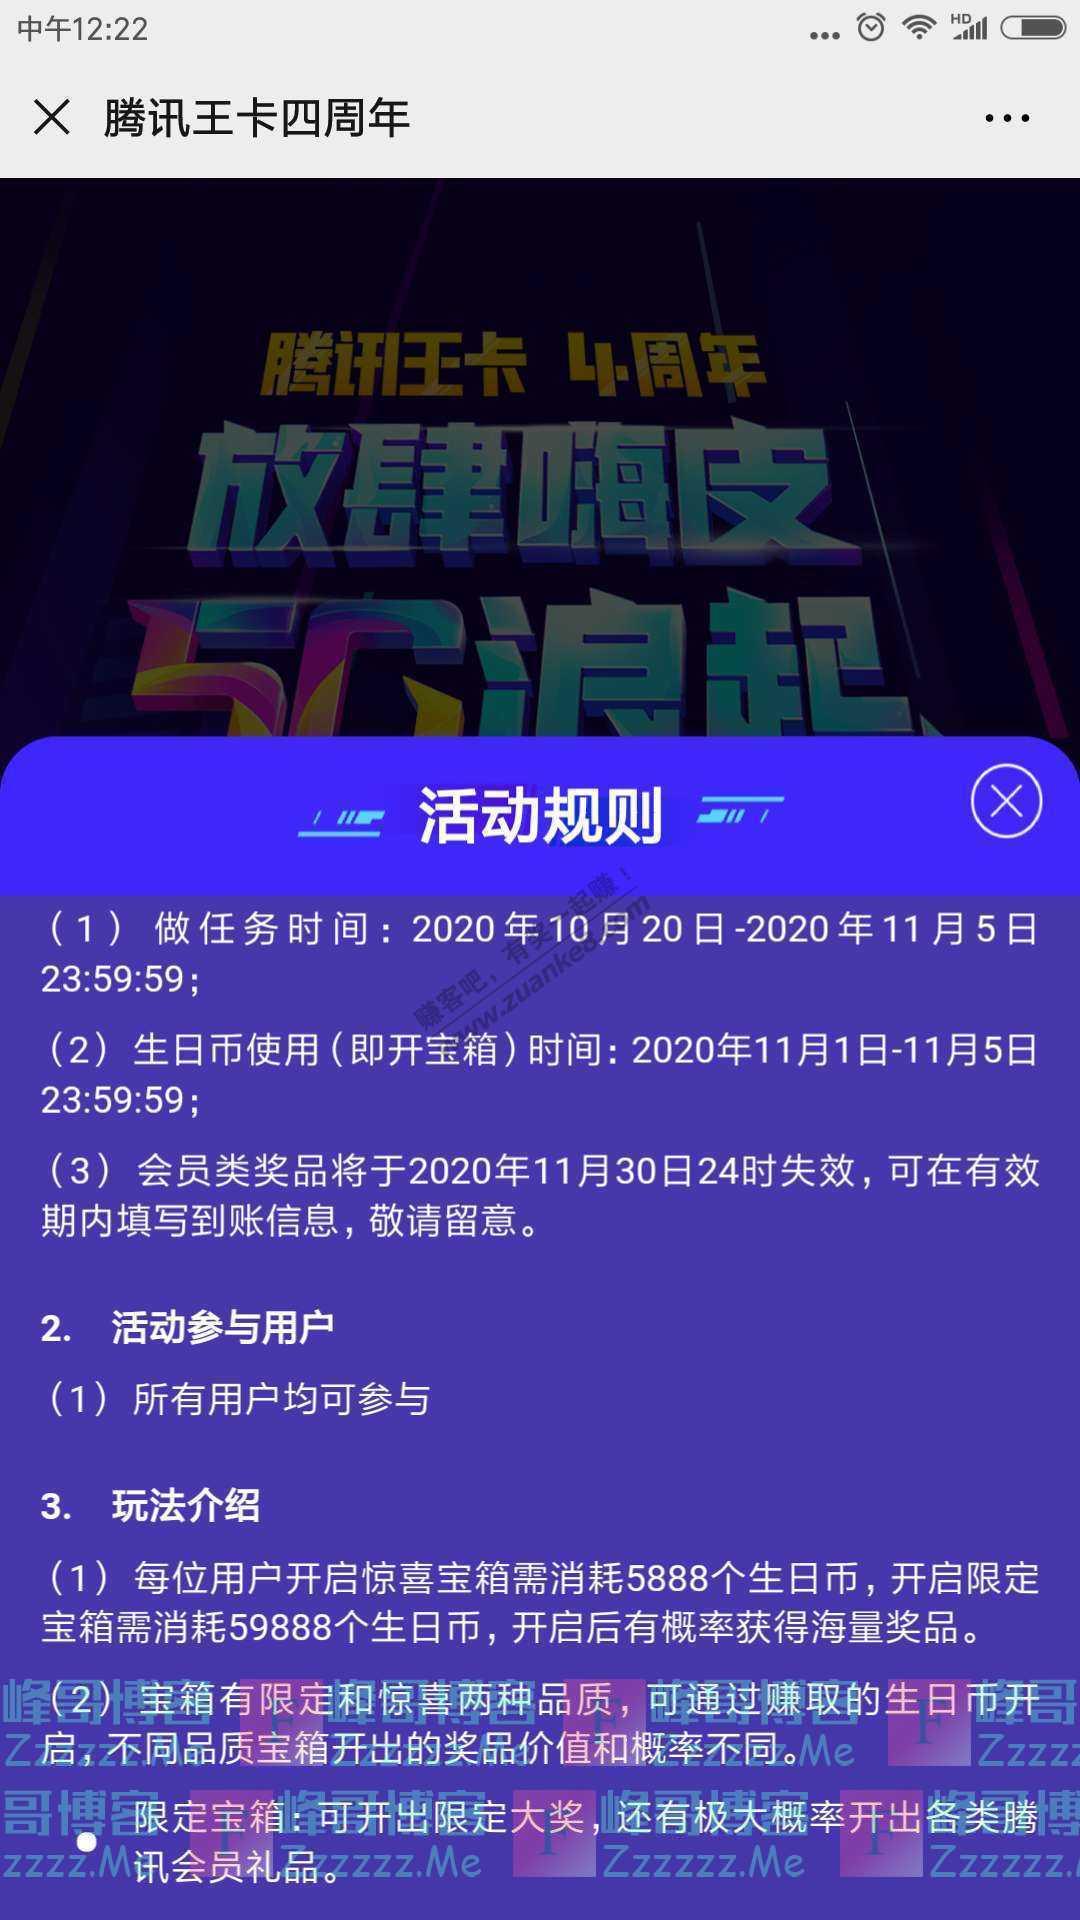 湖北联通【王卡四周年】送4年话费、7款会员年卡(截止11月5日)